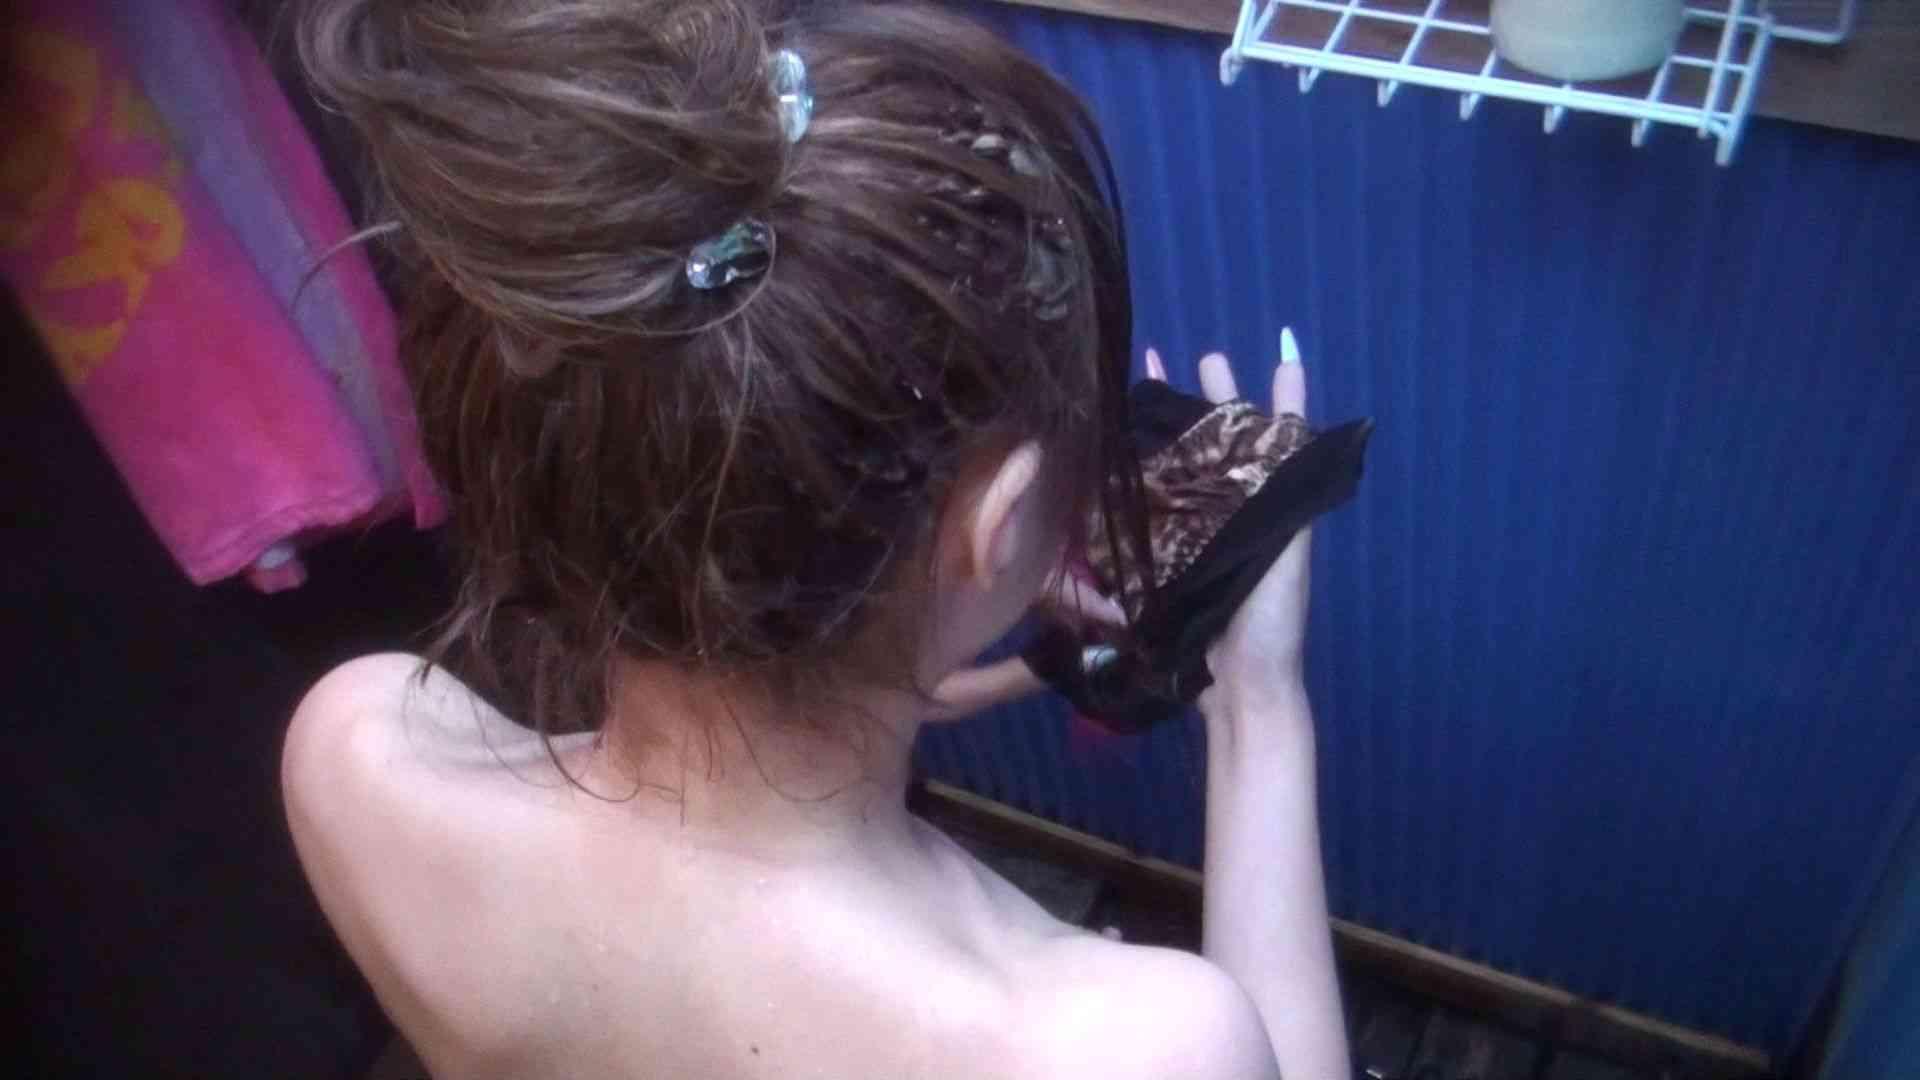 シャワールームは超!!危険な香りVol.9 可愛い顔してやることは大胆です OLの実態  95pic 93